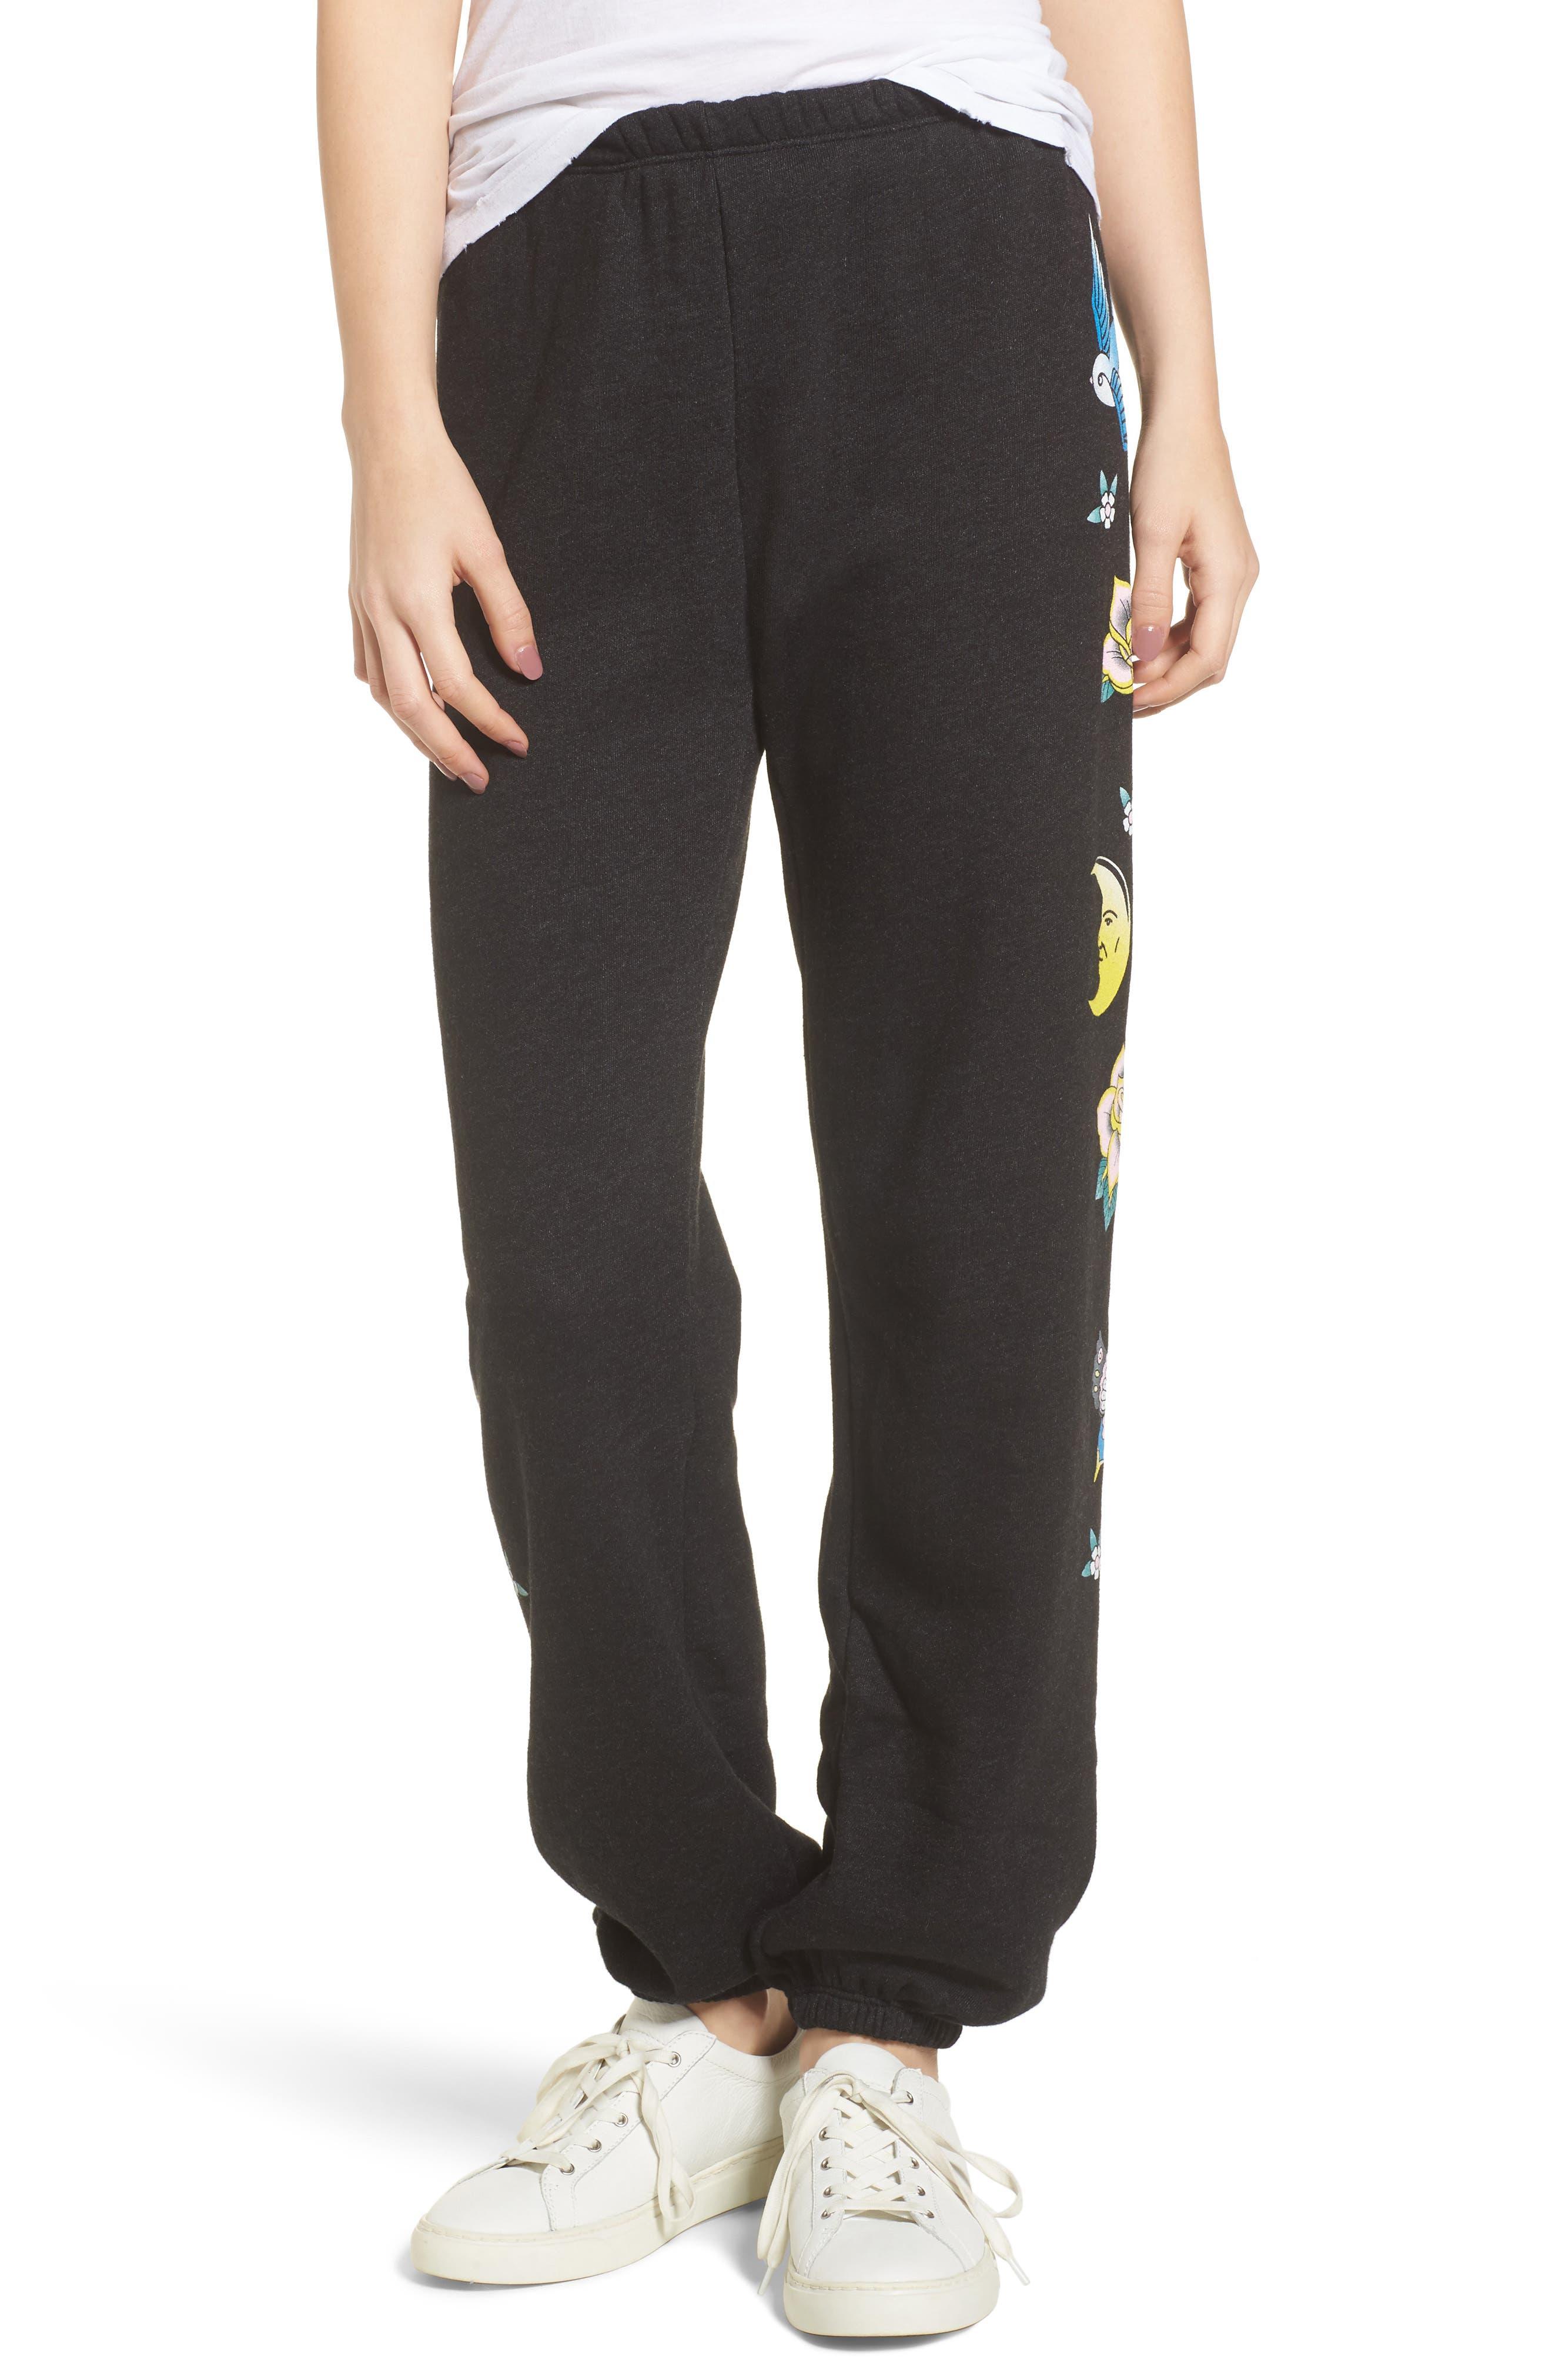 Flash Sweatpants,                         Main,                         color, Black